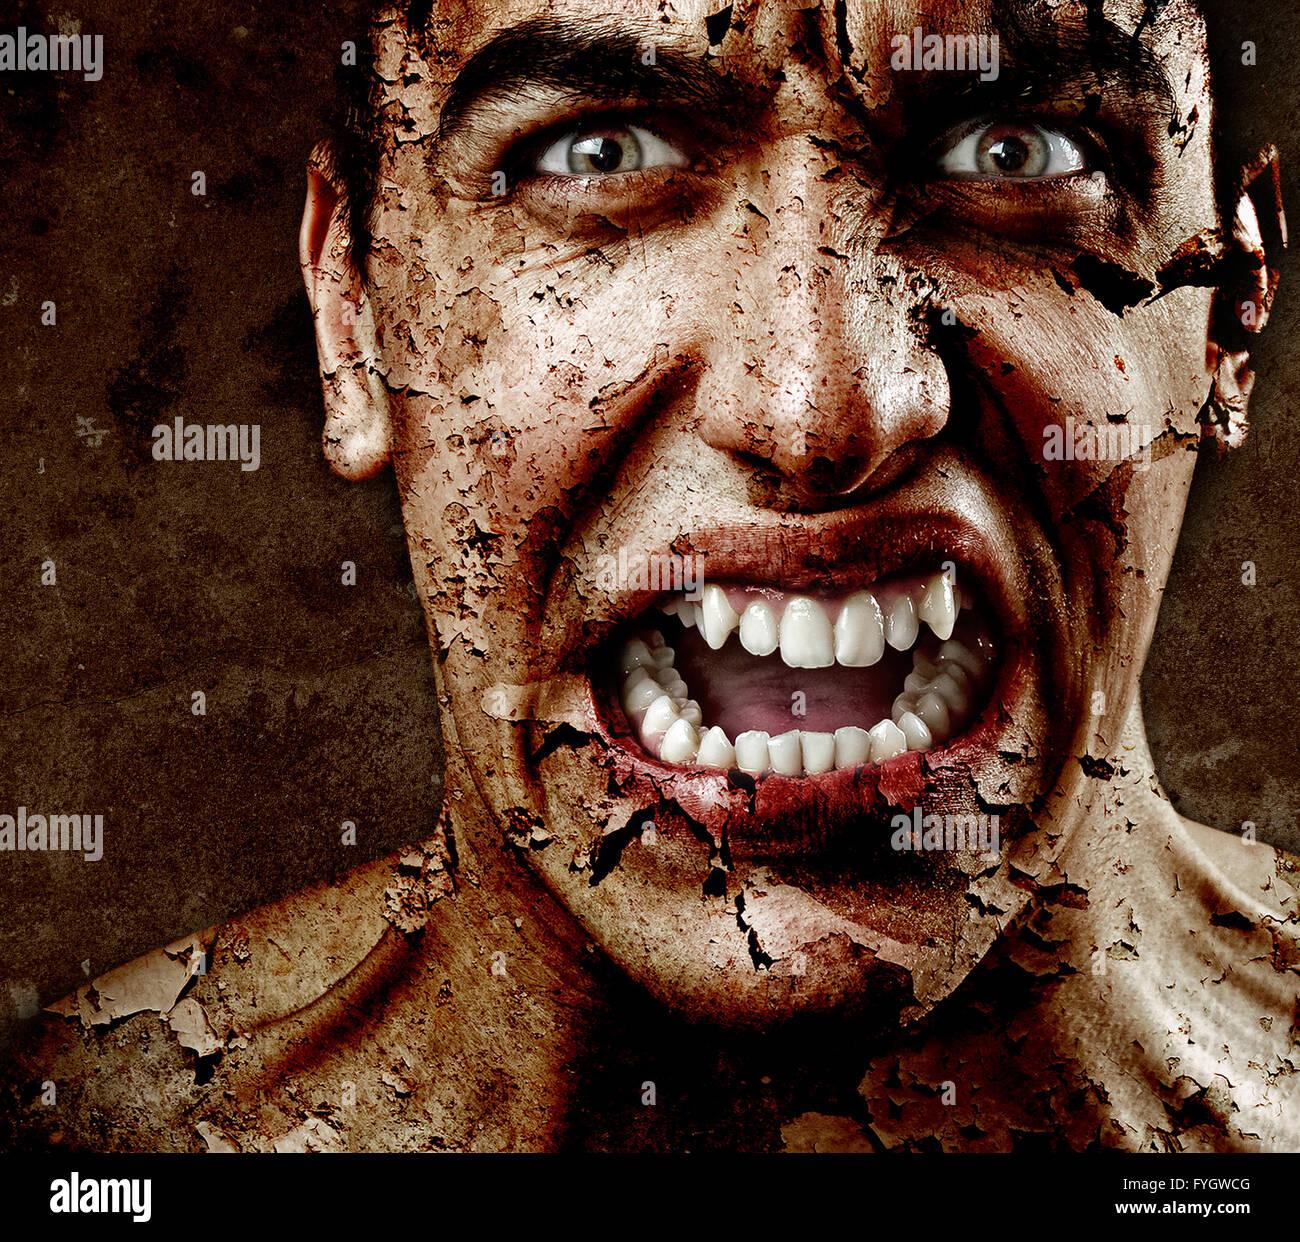 Gesicht gruselig Mannes mit strukturierten Schälen der Haut Stockbild